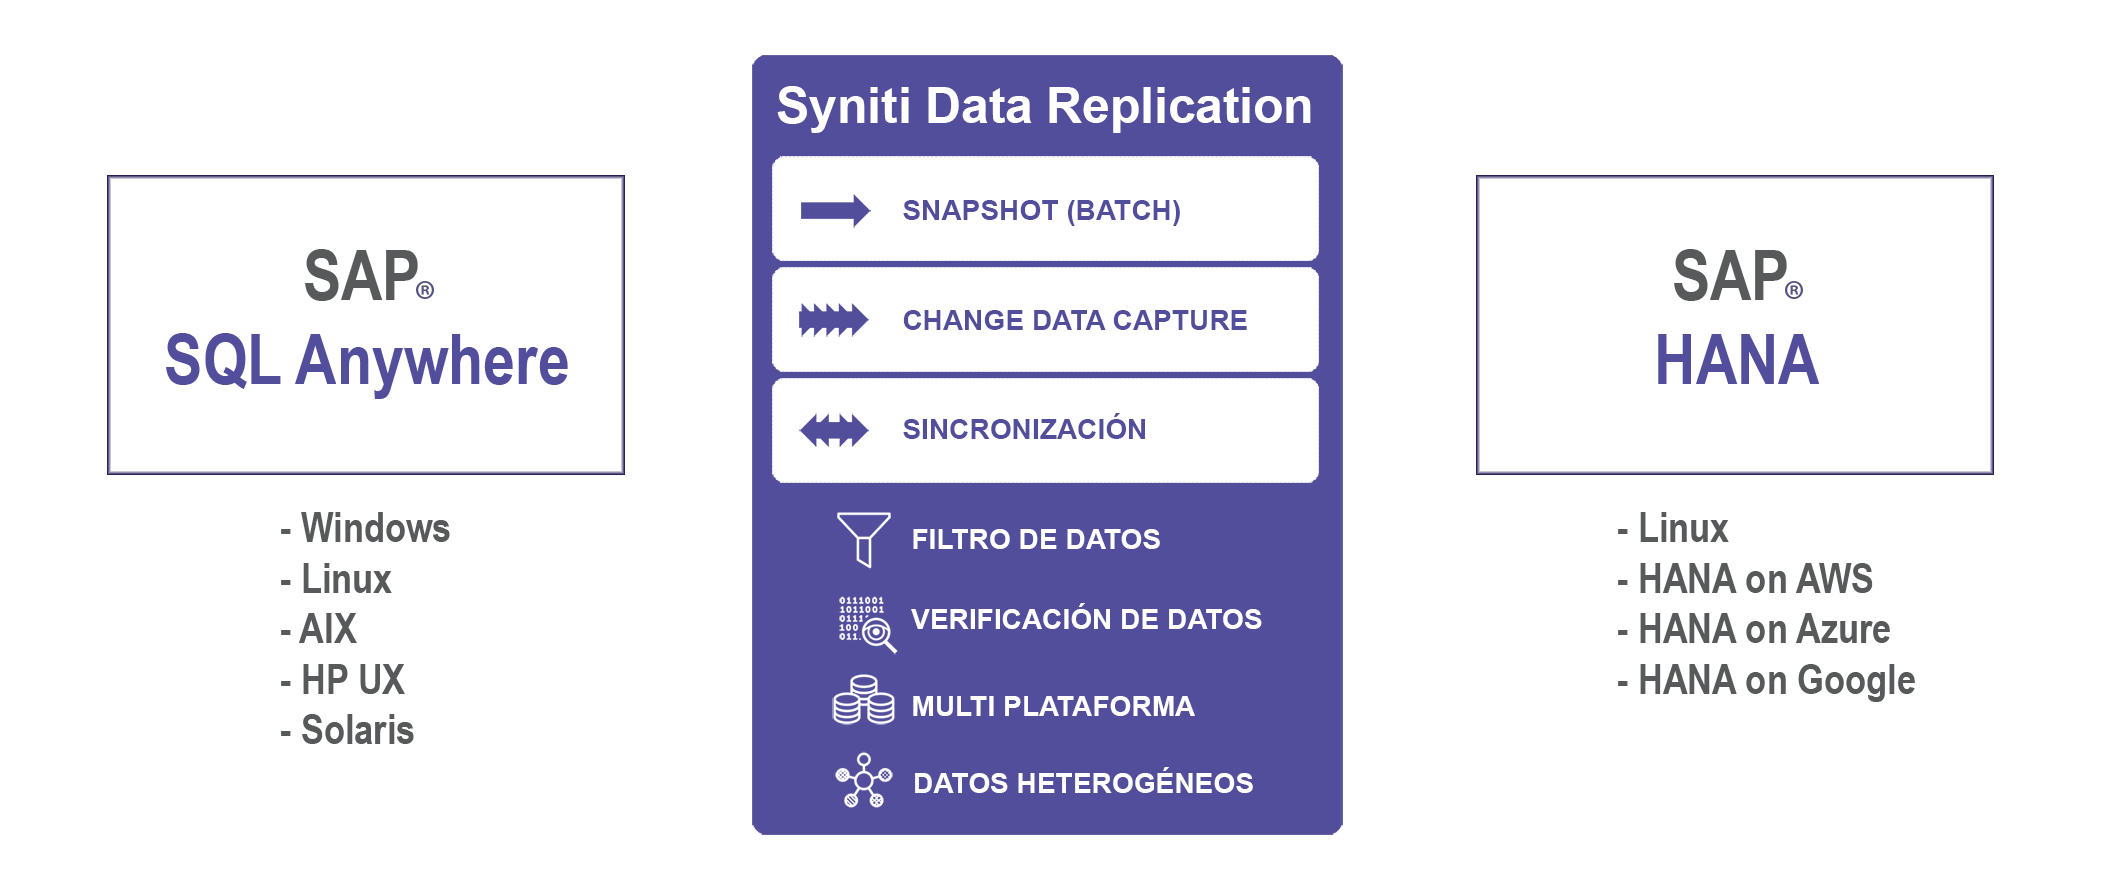 Replicación SQL Anywhere a SAP HANA en tiempo real